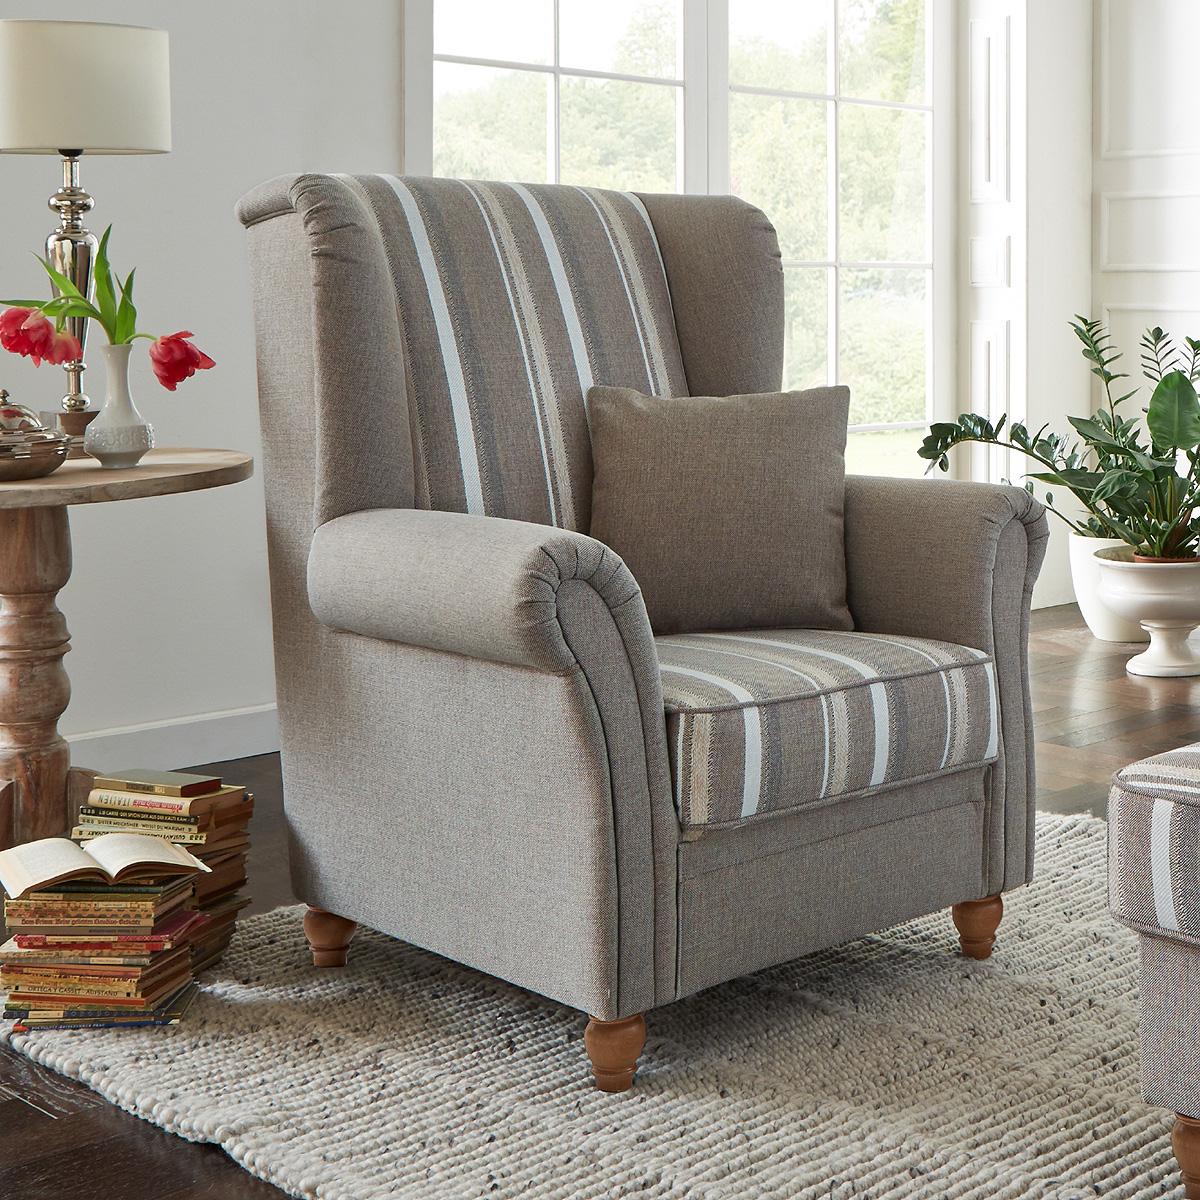 sessel f hr einzelsessel ohrensessel polsterm bel in beige im landhaus stil 92 ebay. Black Bedroom Furniture Sets. Home Design Ideas